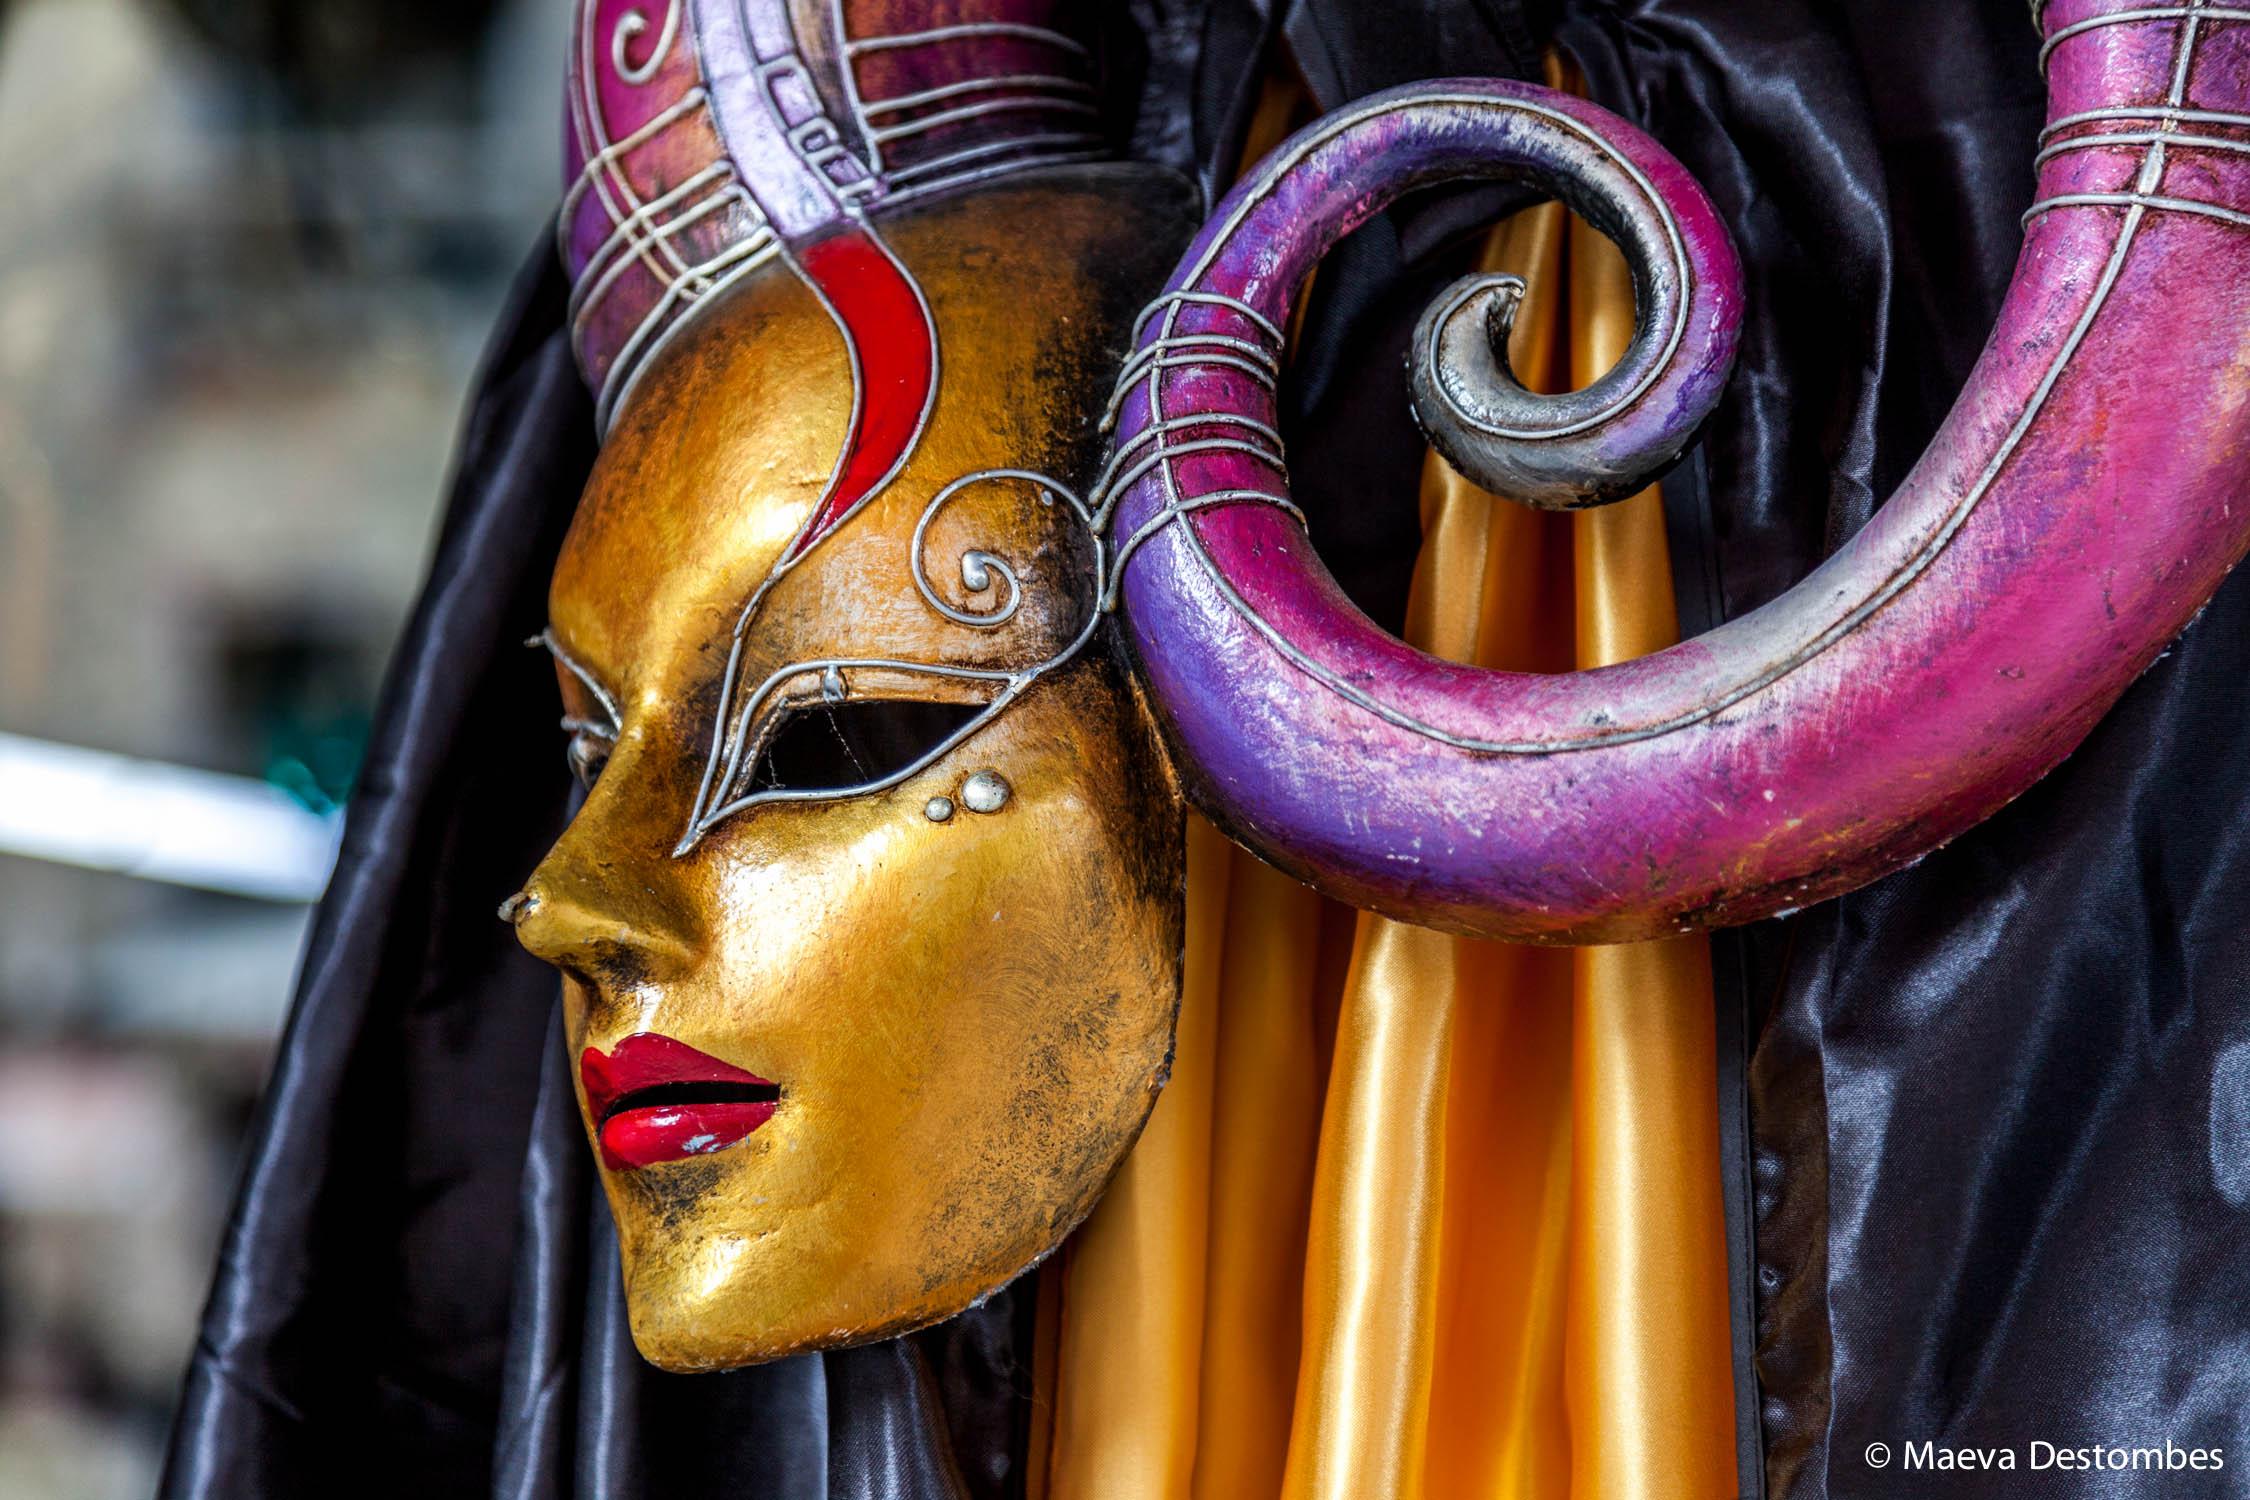 Un beau masque très coloré au carnaval de Venise